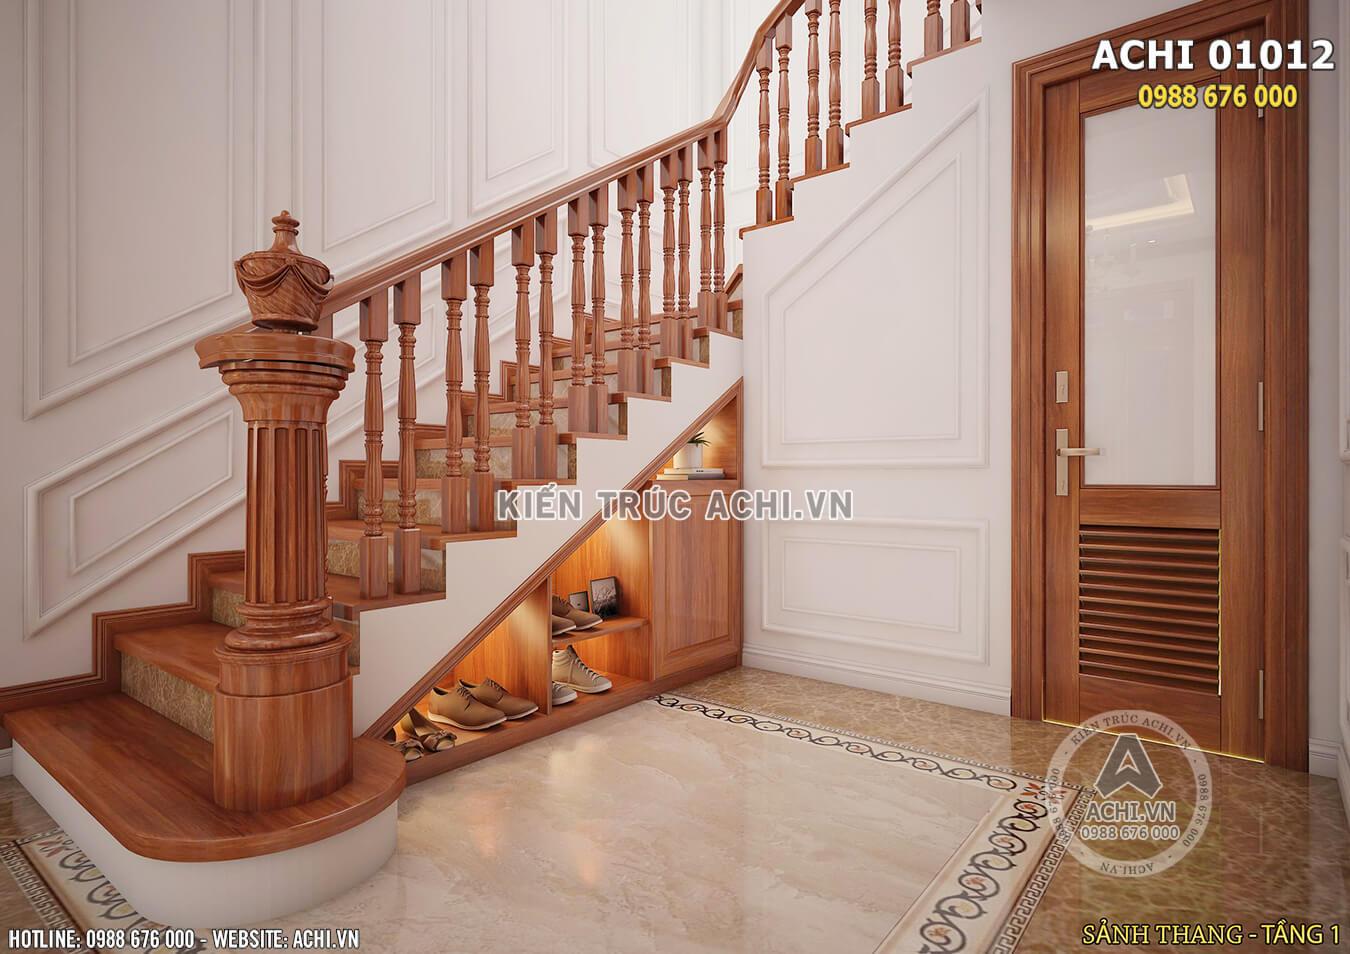 Khu vực dưới cầu thang được tận dung làm kệ để giày tiện nghi